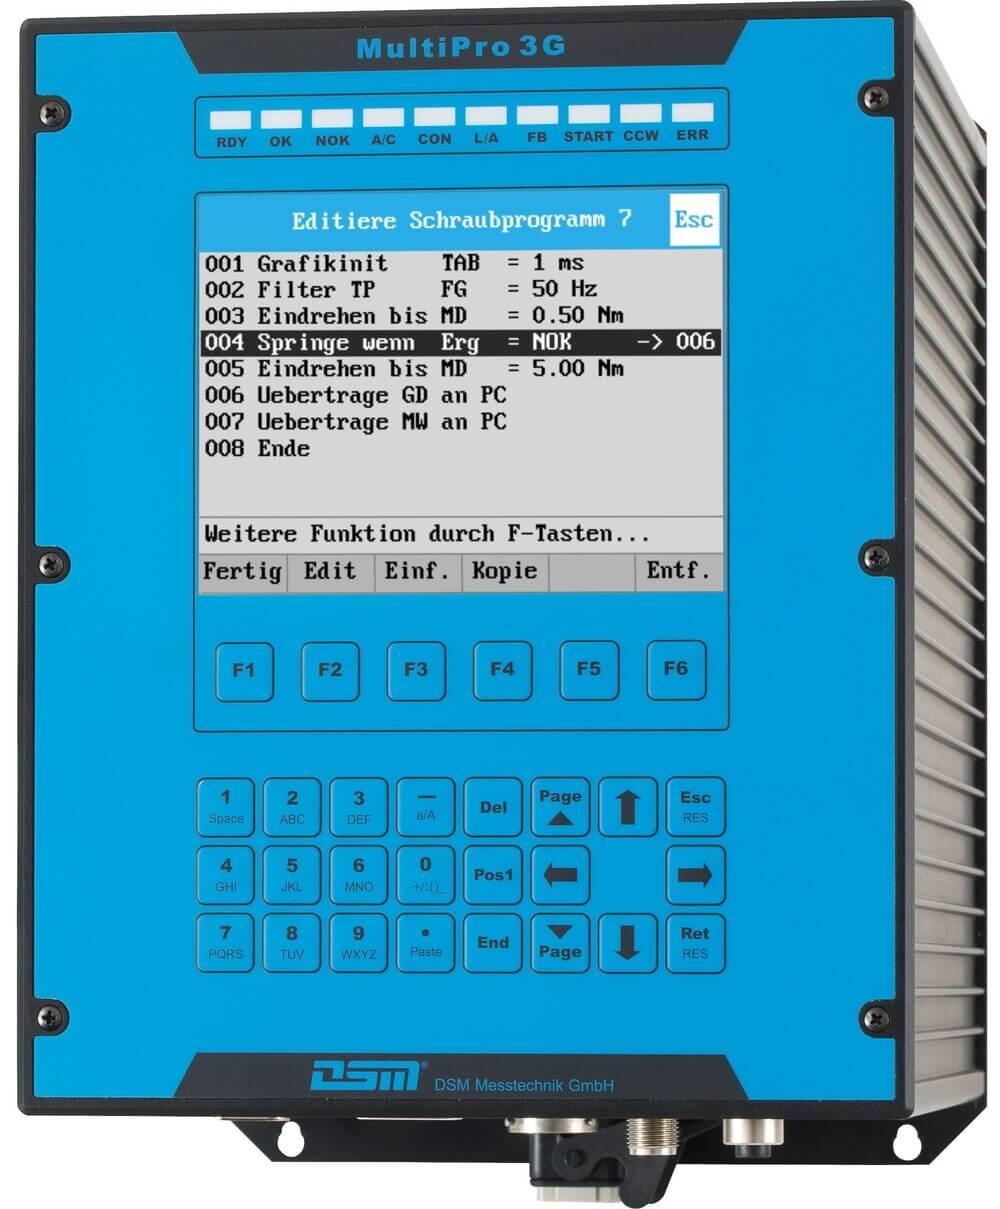 MultiPro 3G